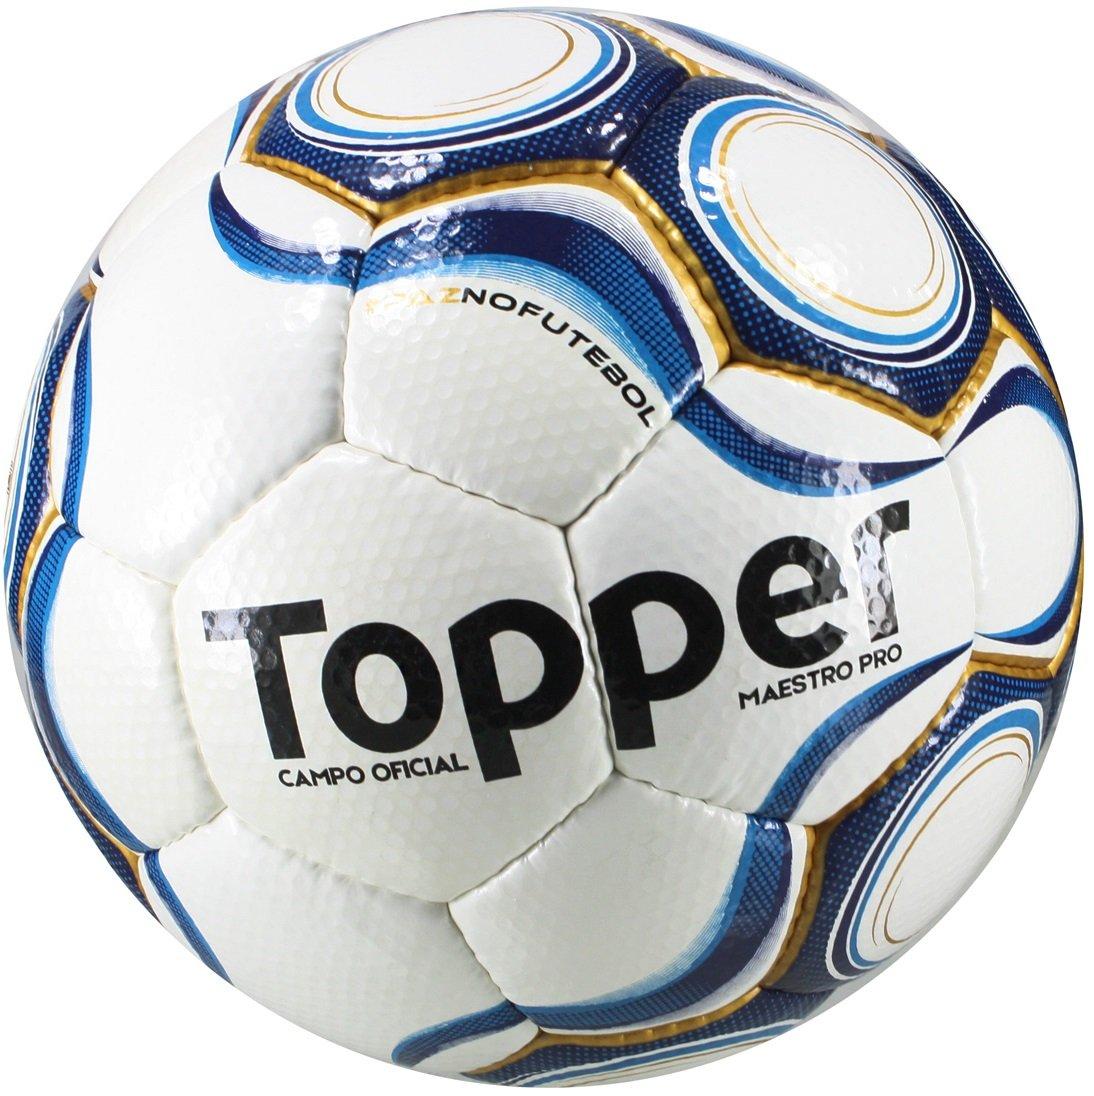 f6b5e2fd63 Bola Campo Topper Maestro Pro 420000 1002 - - Calçados Online ...